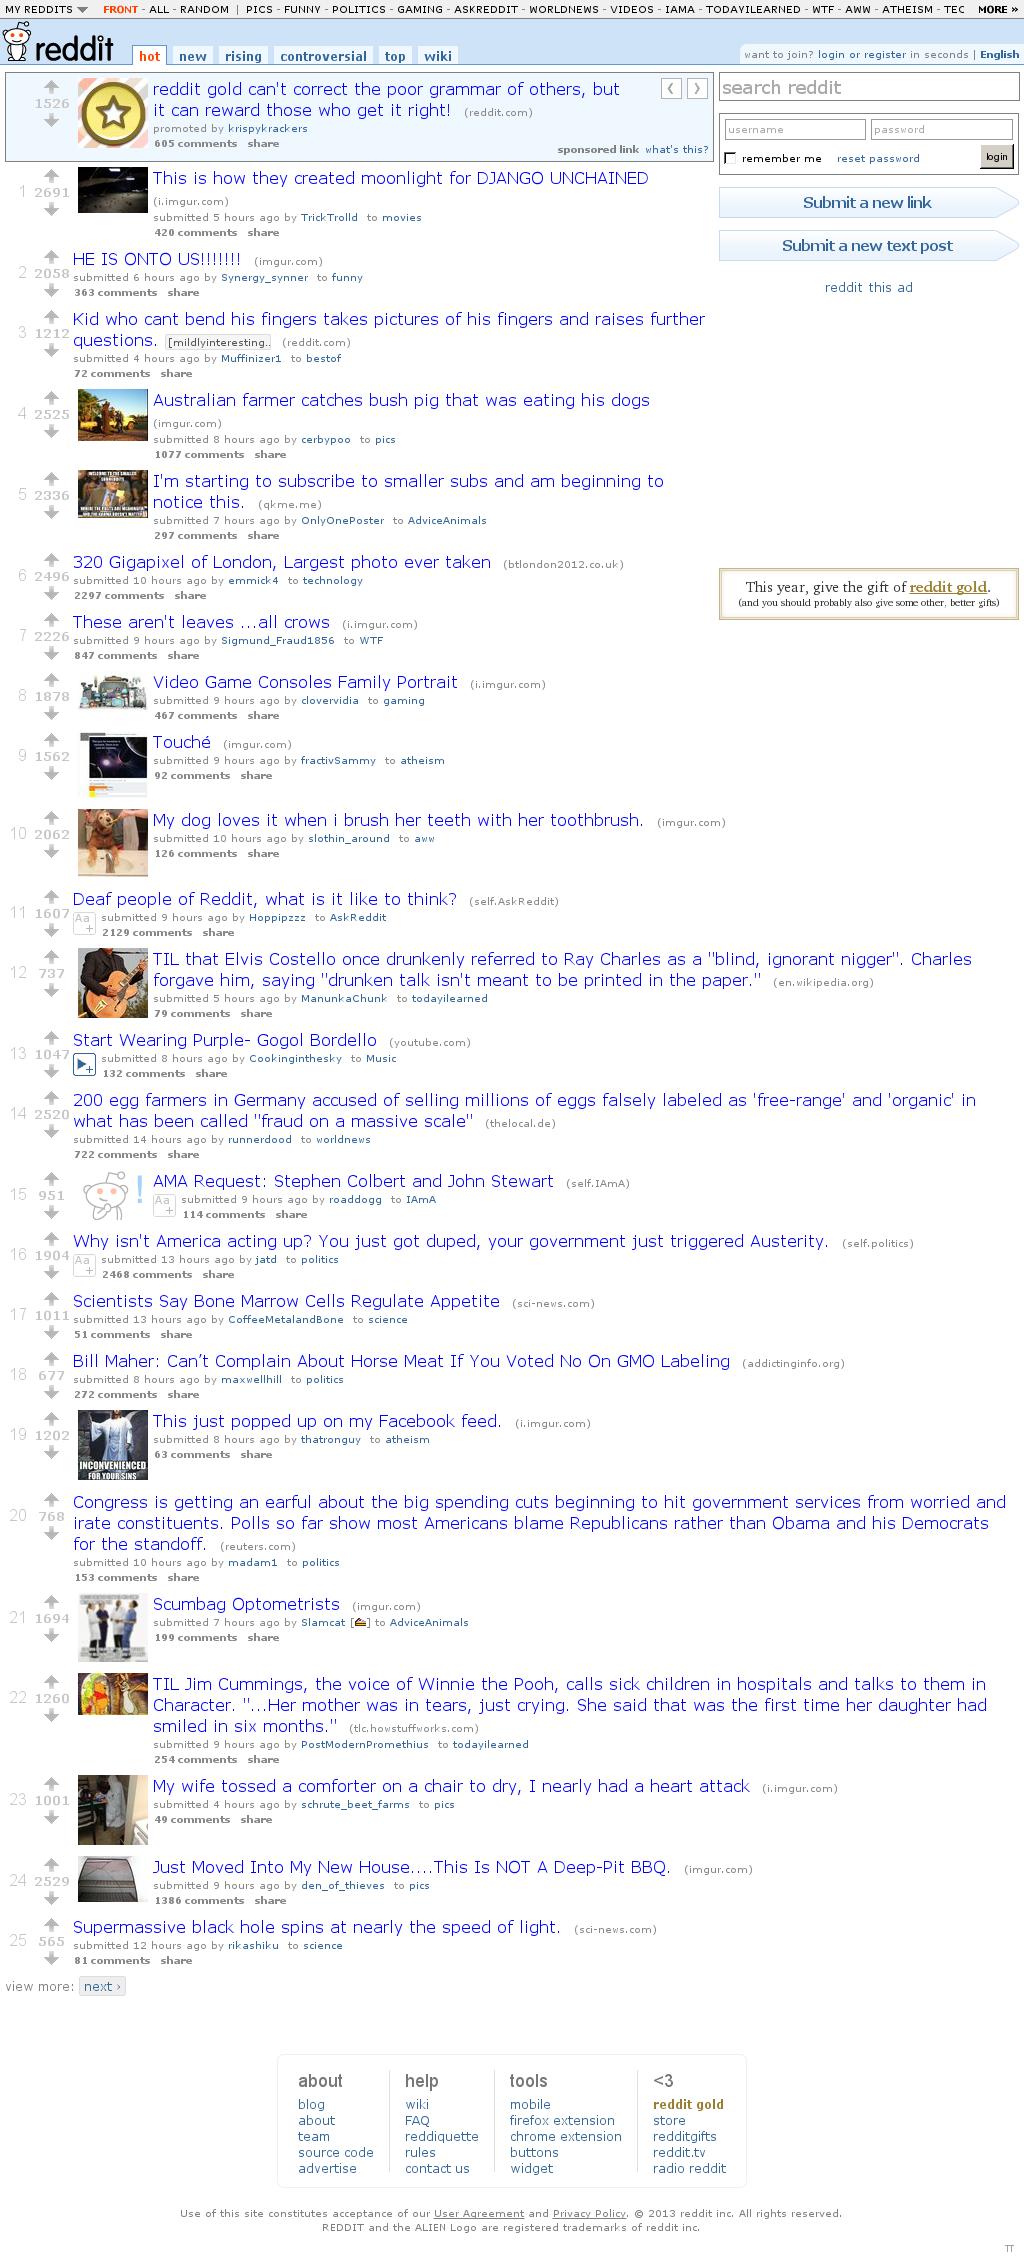 Reddit at Sunday March 3, 2013, 12:16 p.m. UTC